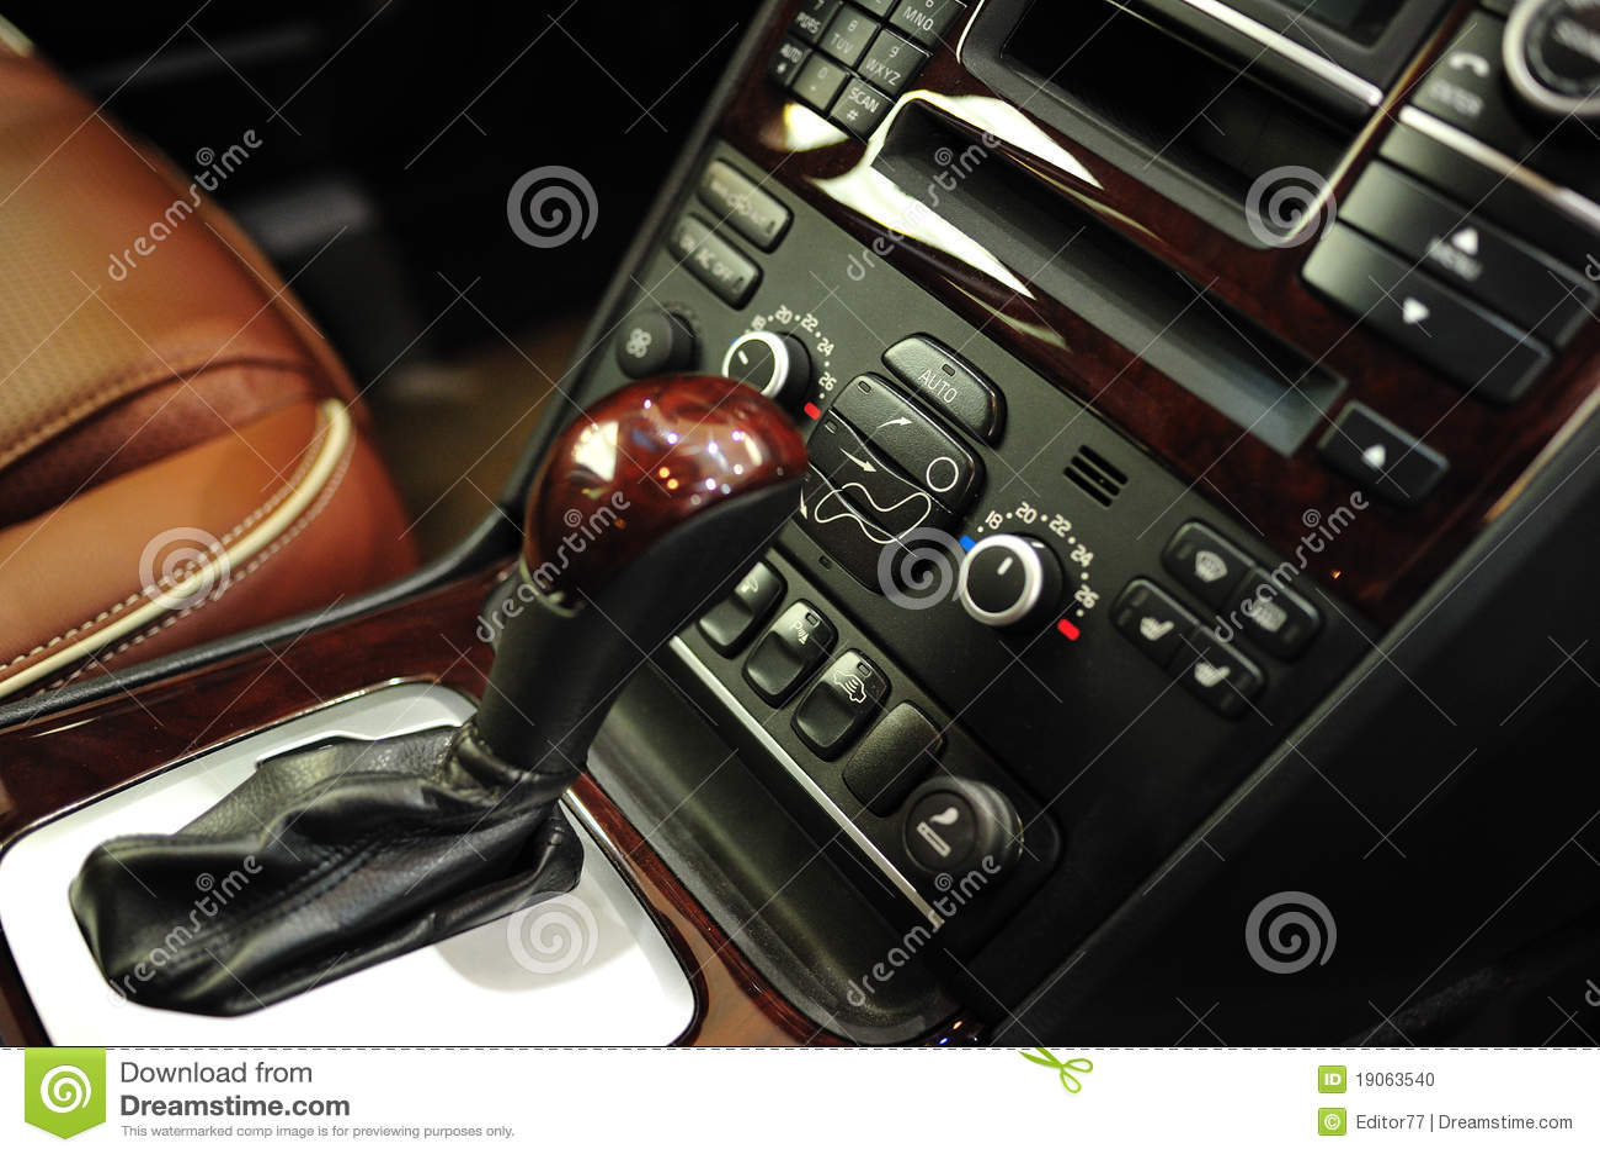 Manual car gear lever